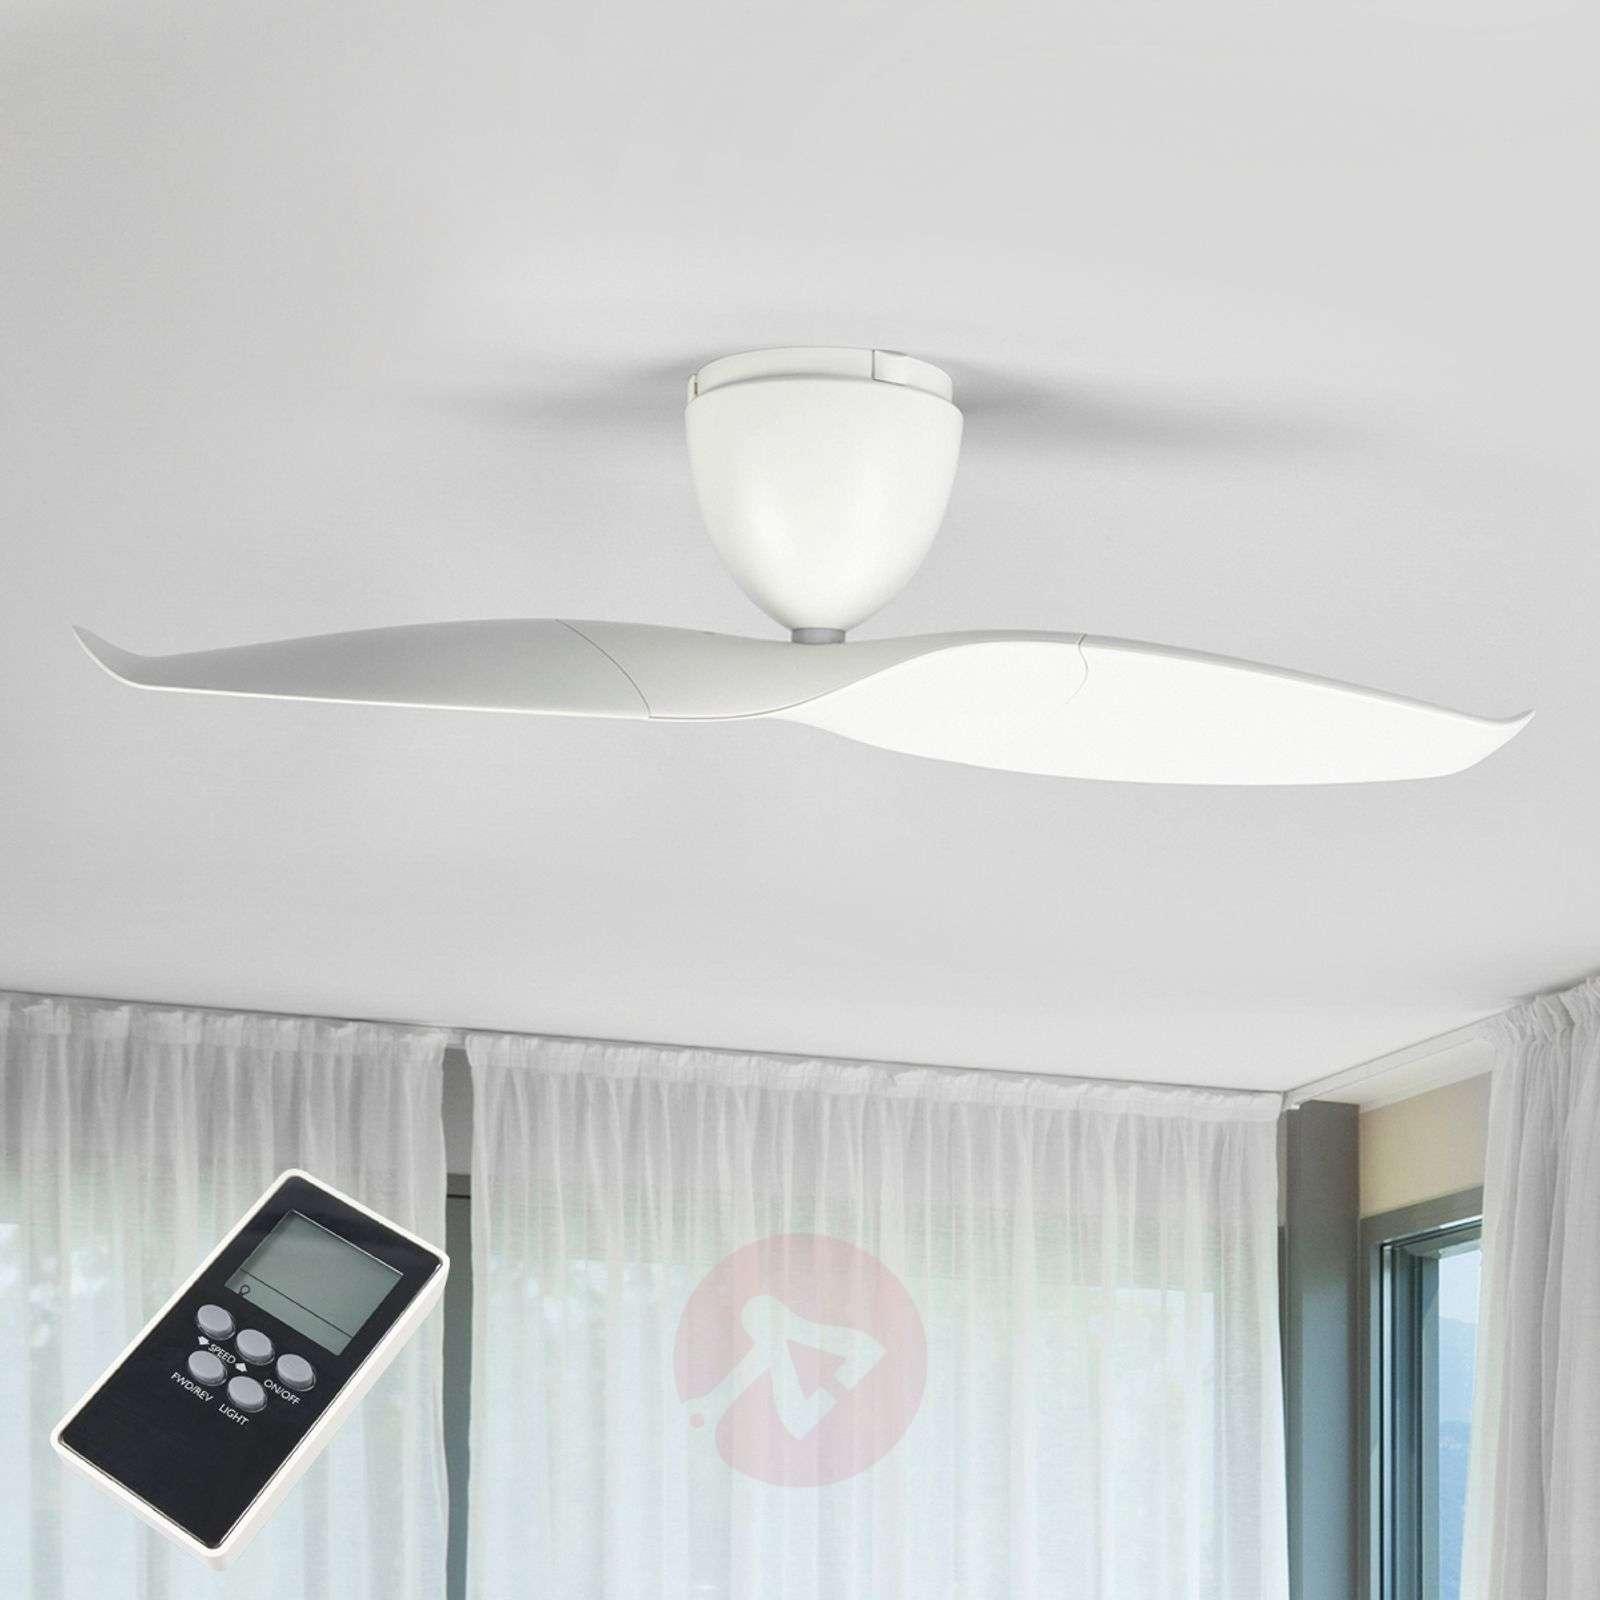 White ceiling fan Wave 109.2cm-1068006-014